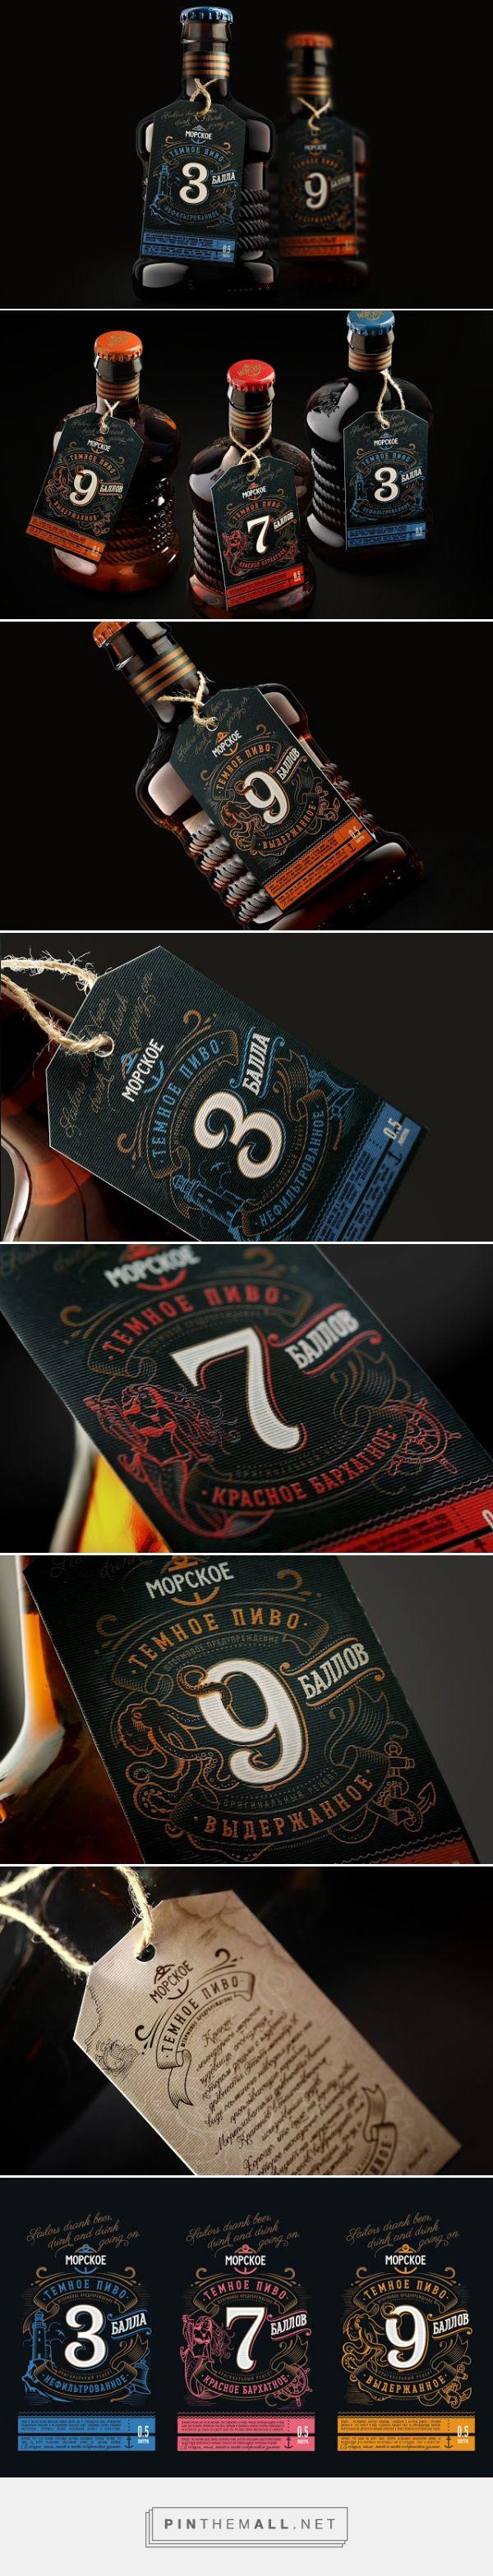 Morskoe Craft Beer Concept packaging designed by UPRISE - http://www.packagingoftheworld.com/2015/12/morskoe-craft-beer-concept.html